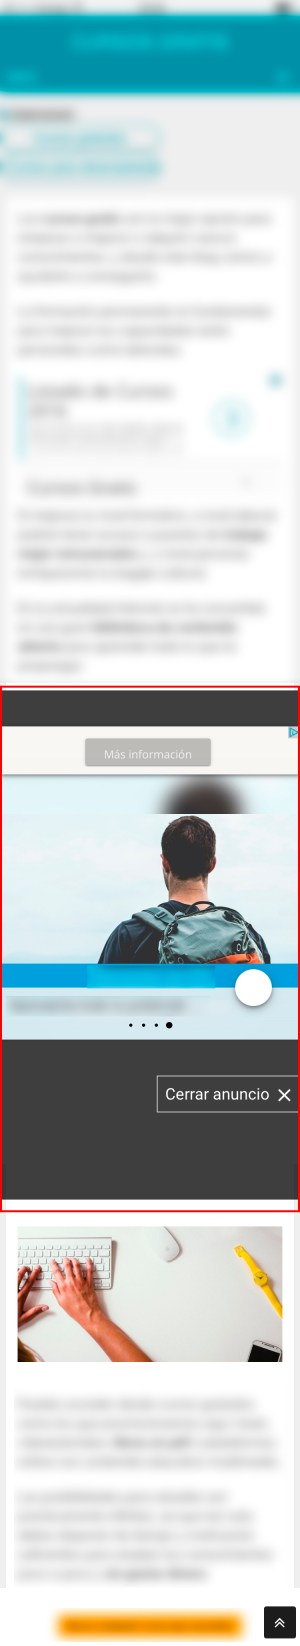 Anuncios inmersivos de AdSense para móviles